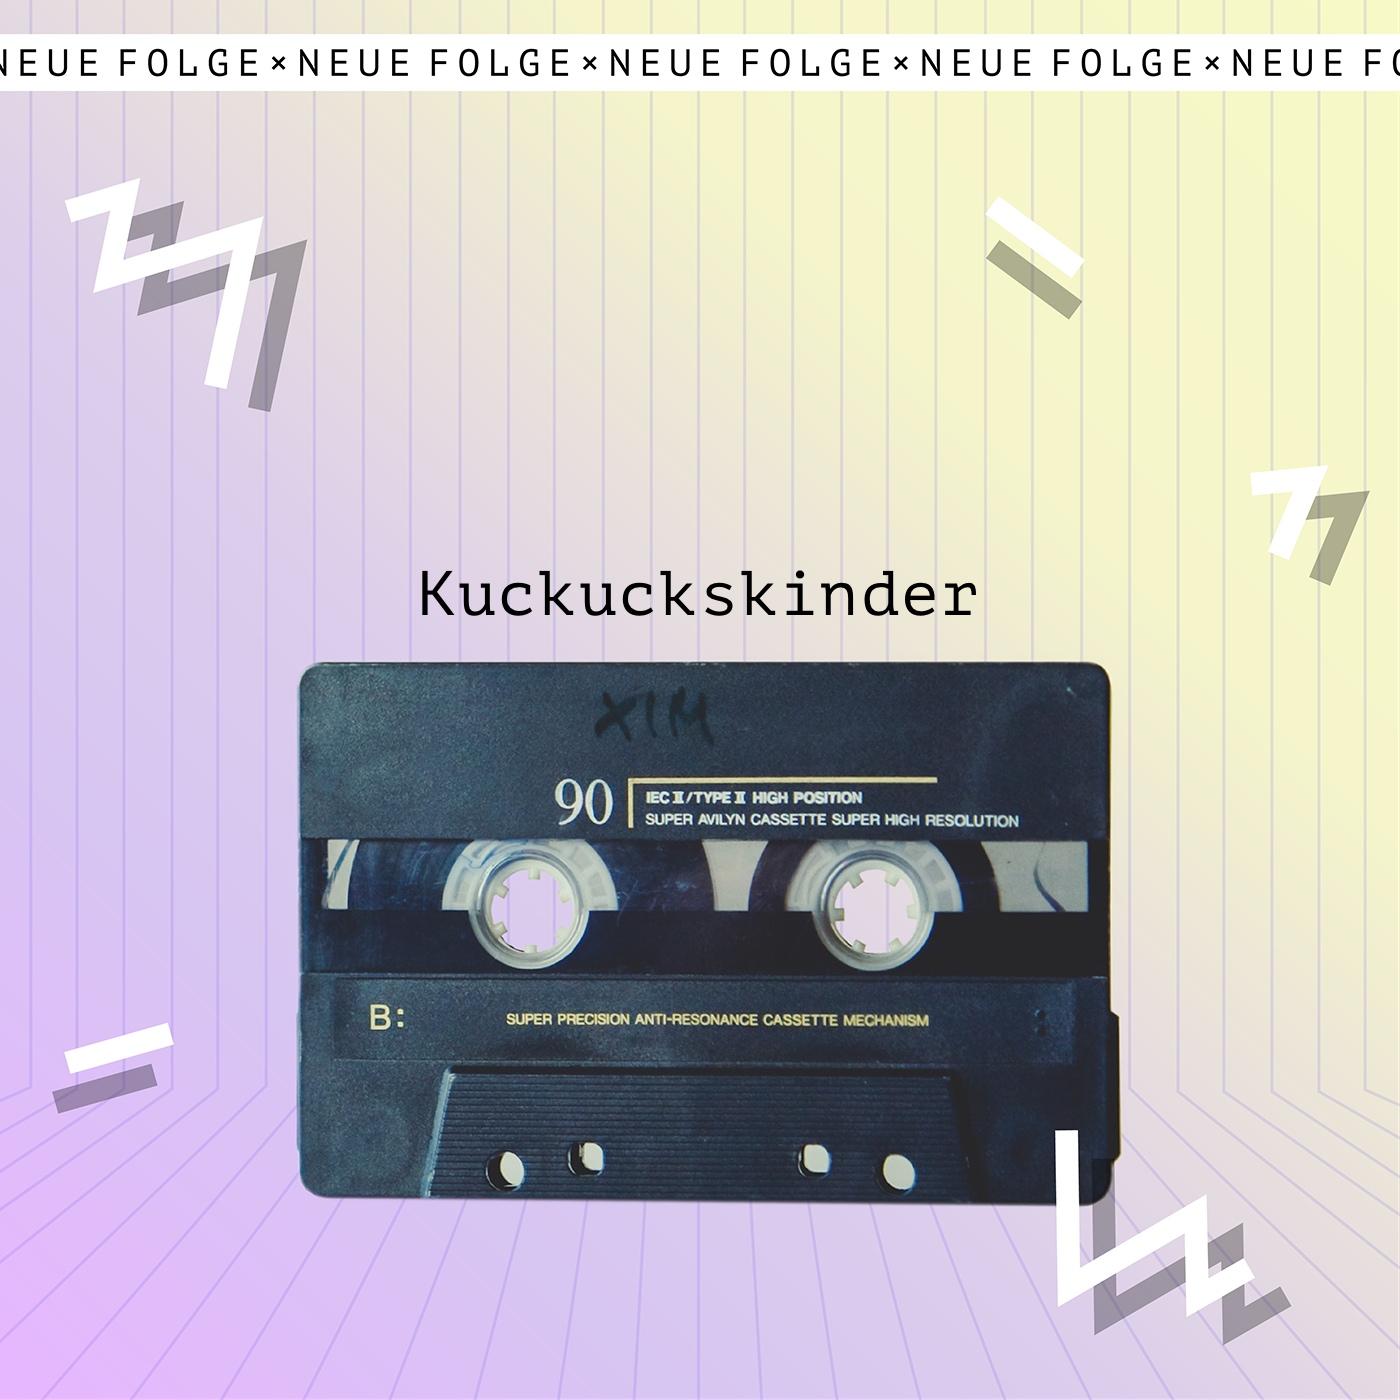 Kuckuckskinder